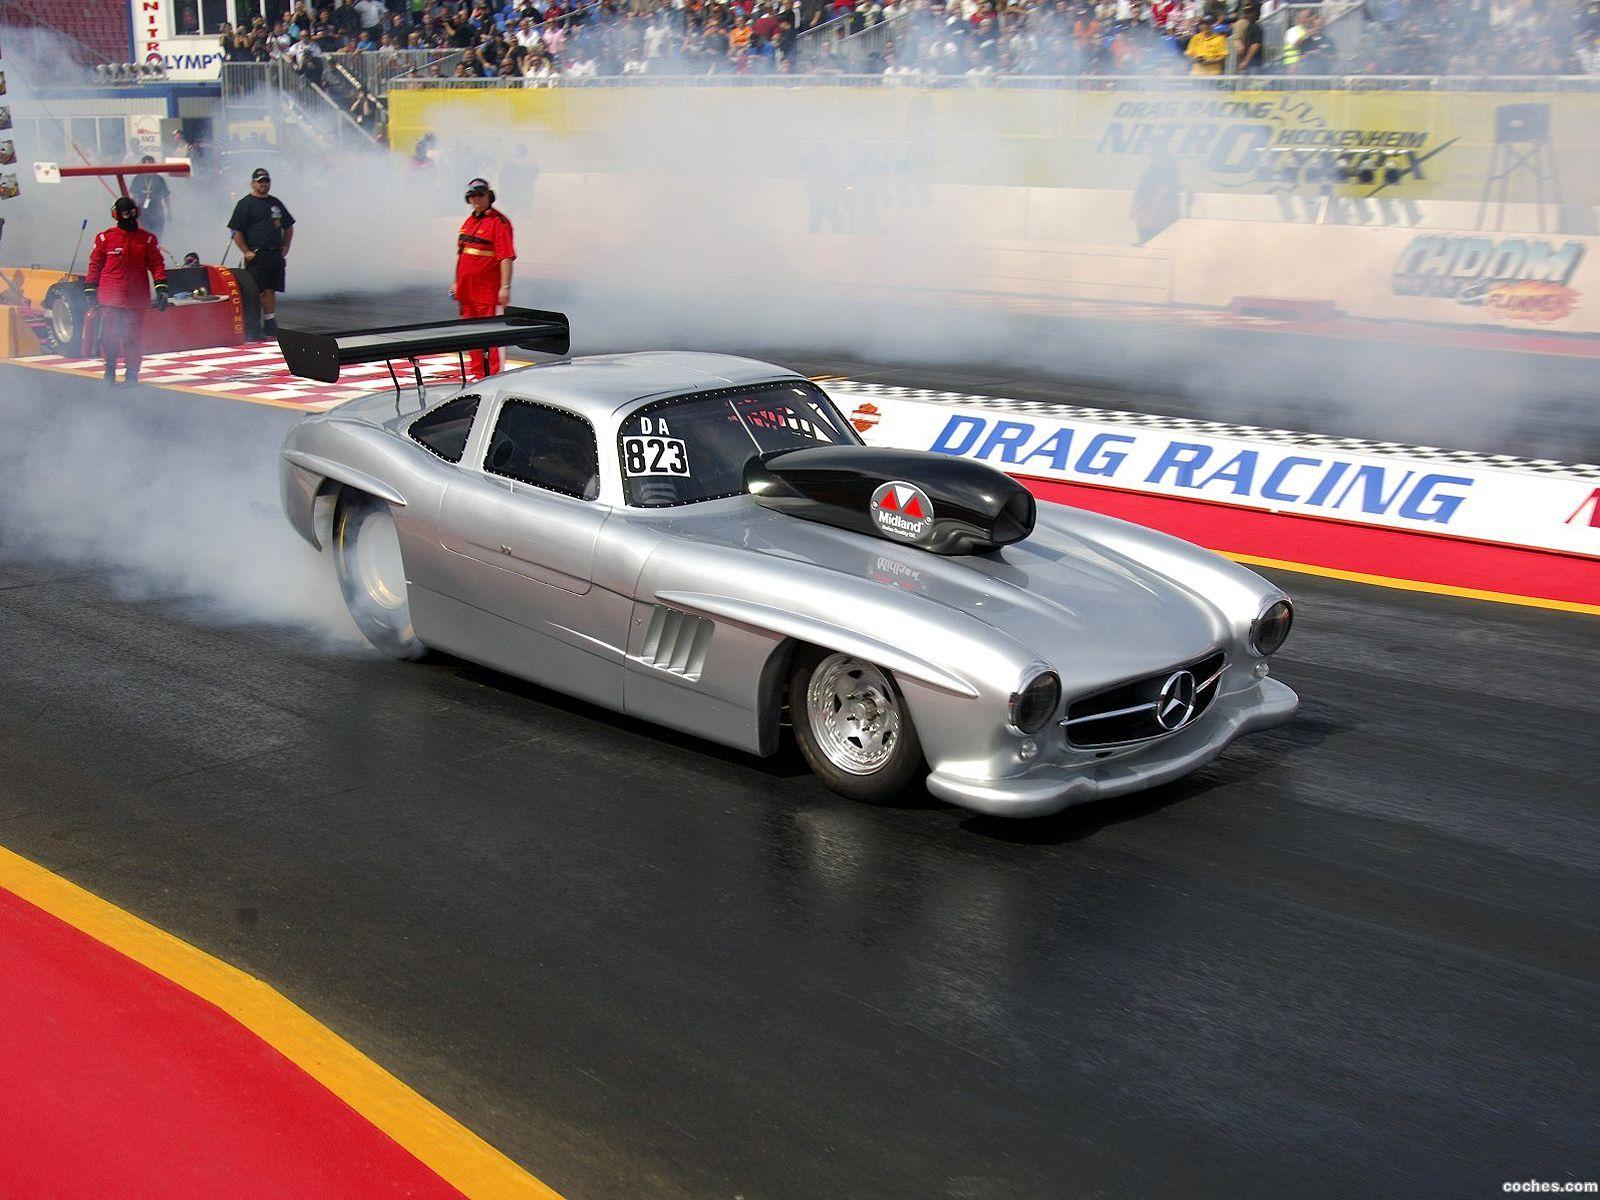 Foto 0 de Mercedes Gullwing Dragster 2009